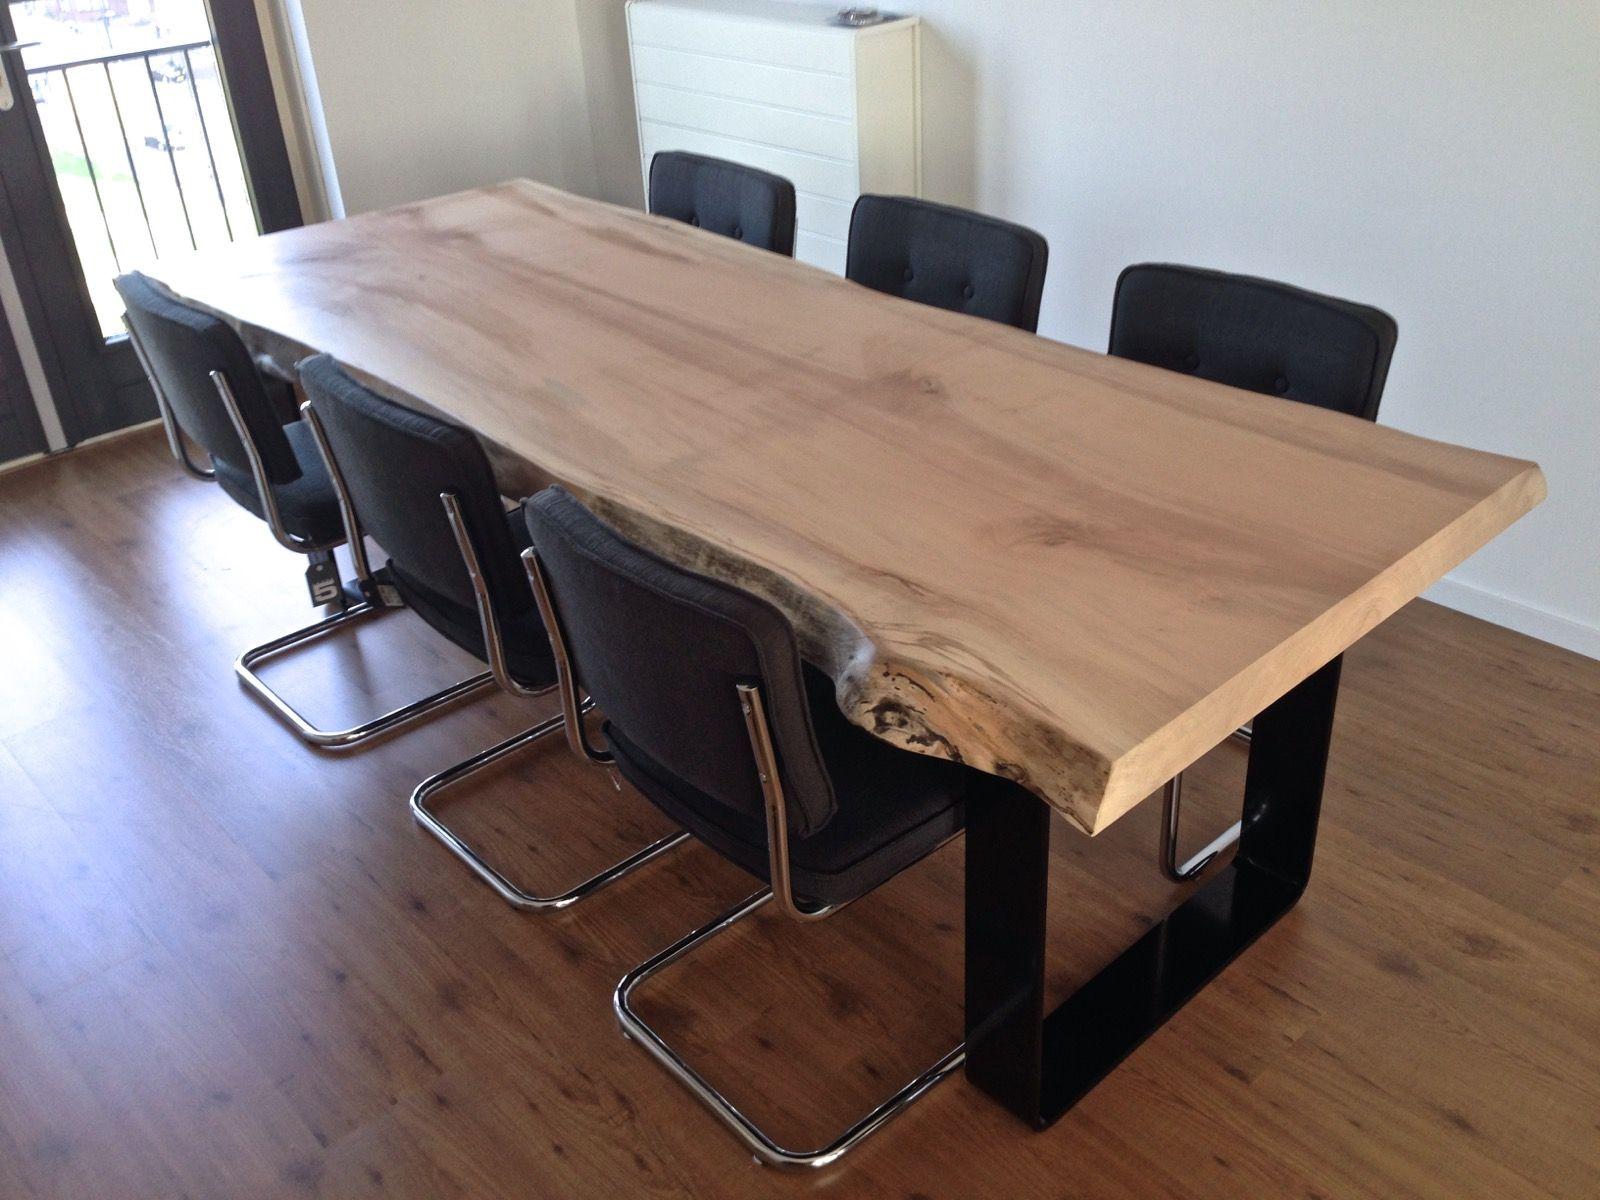 Tafel Uit Een Stuk Hout.Maple Tafel 245 X 90 X 6 Cm Blad Uit 1 Stuk Furniture Table